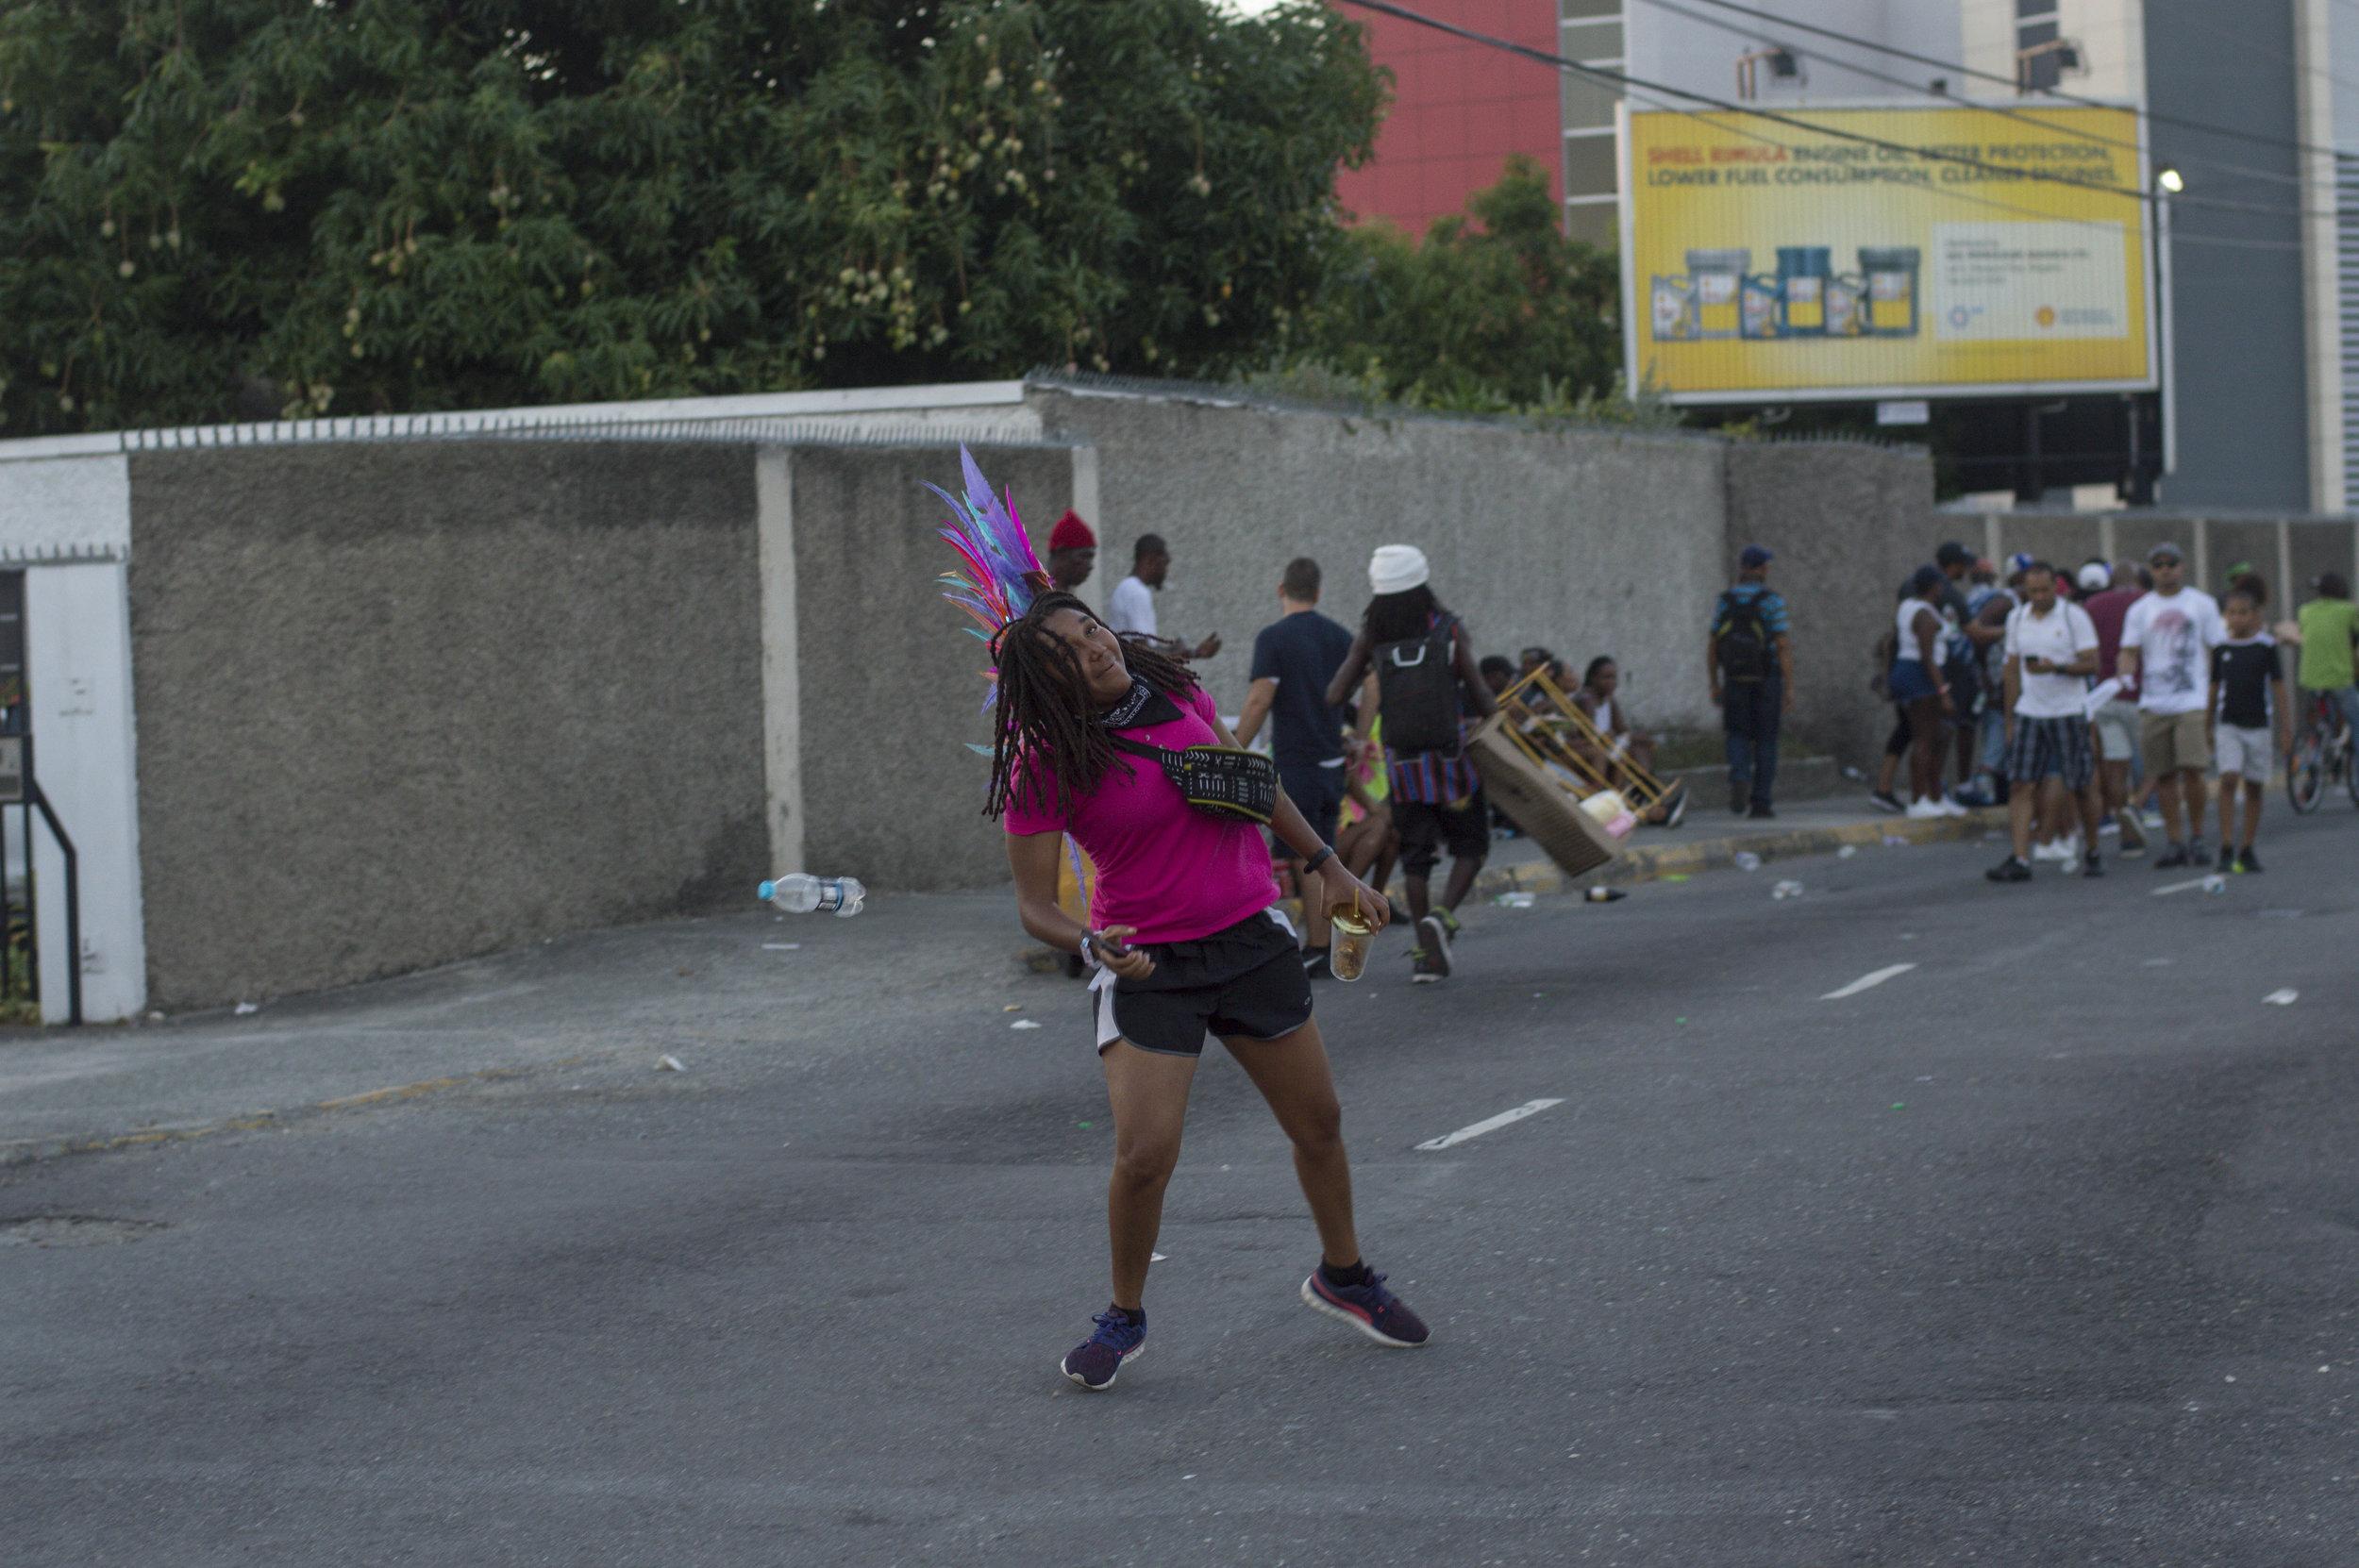 carnival2019_jeanalindo-71.jpg